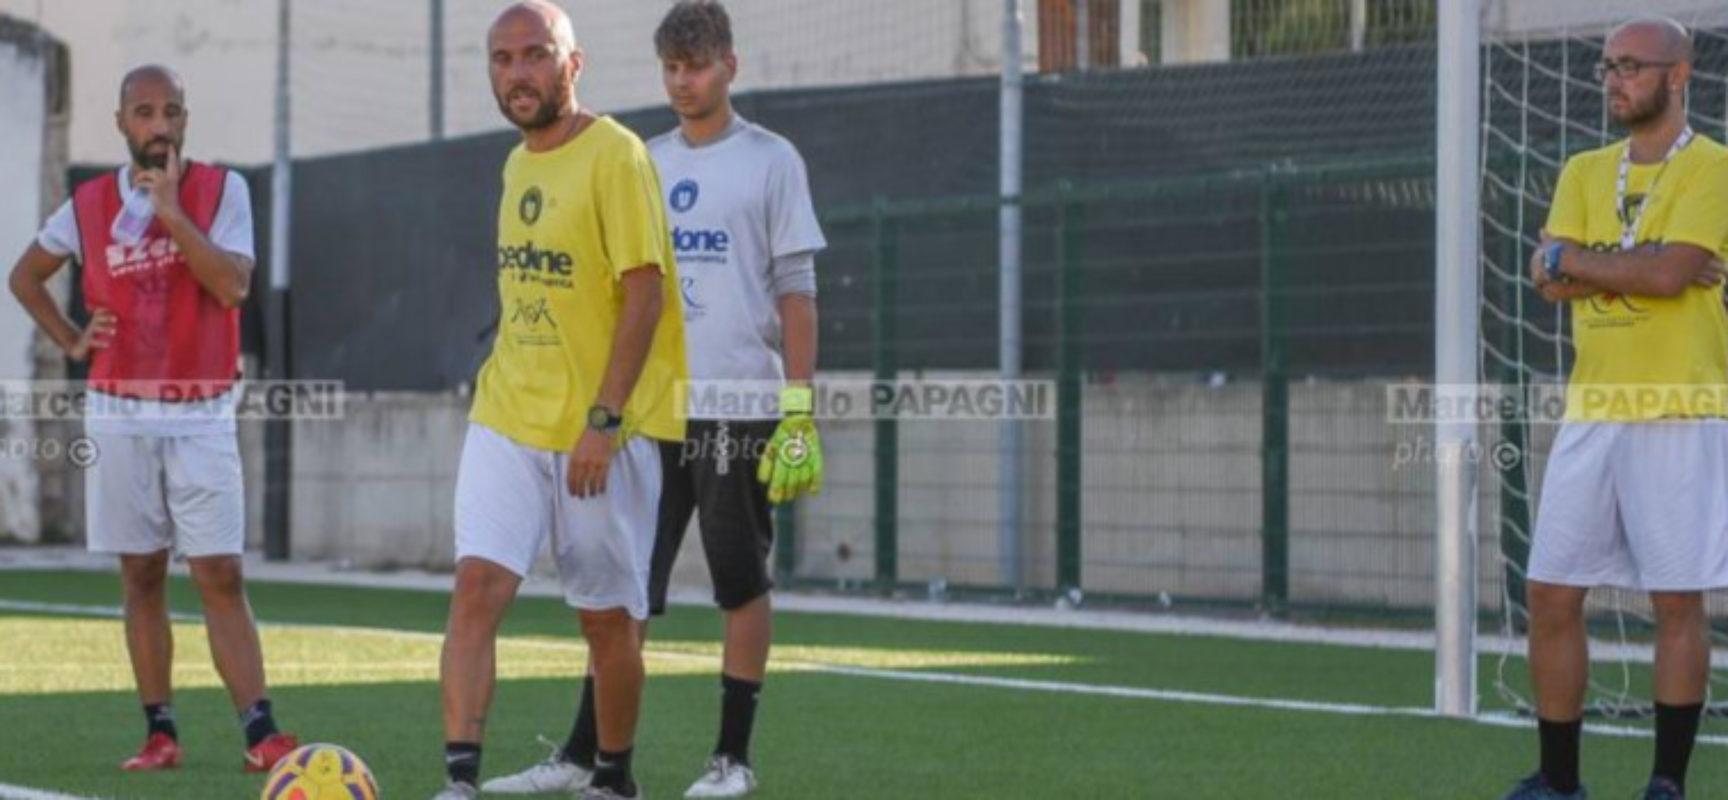 Unione Calcio a Trani: nel mirino il passaggio del turno in Coppa